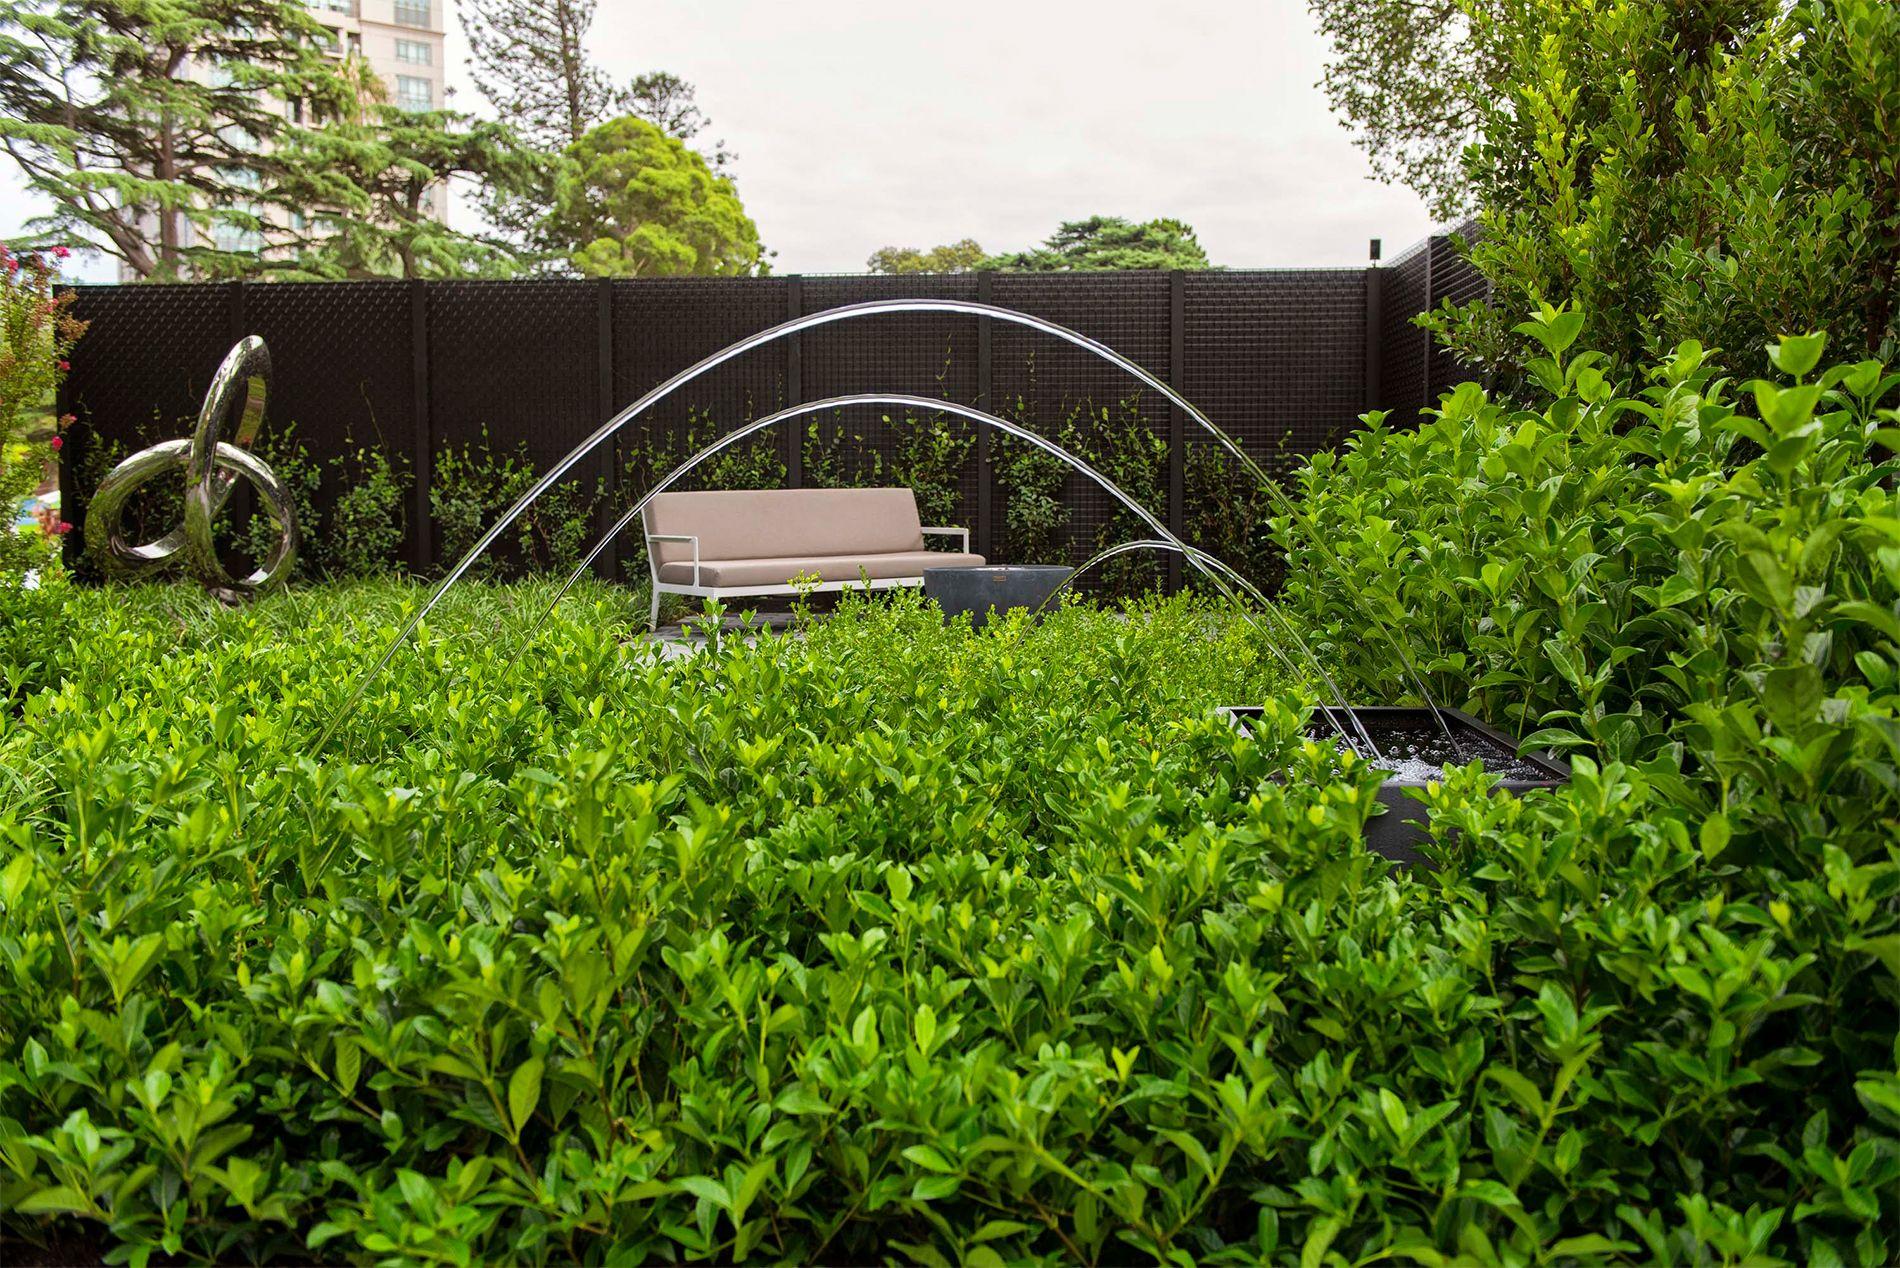 MPF Garden Company Services